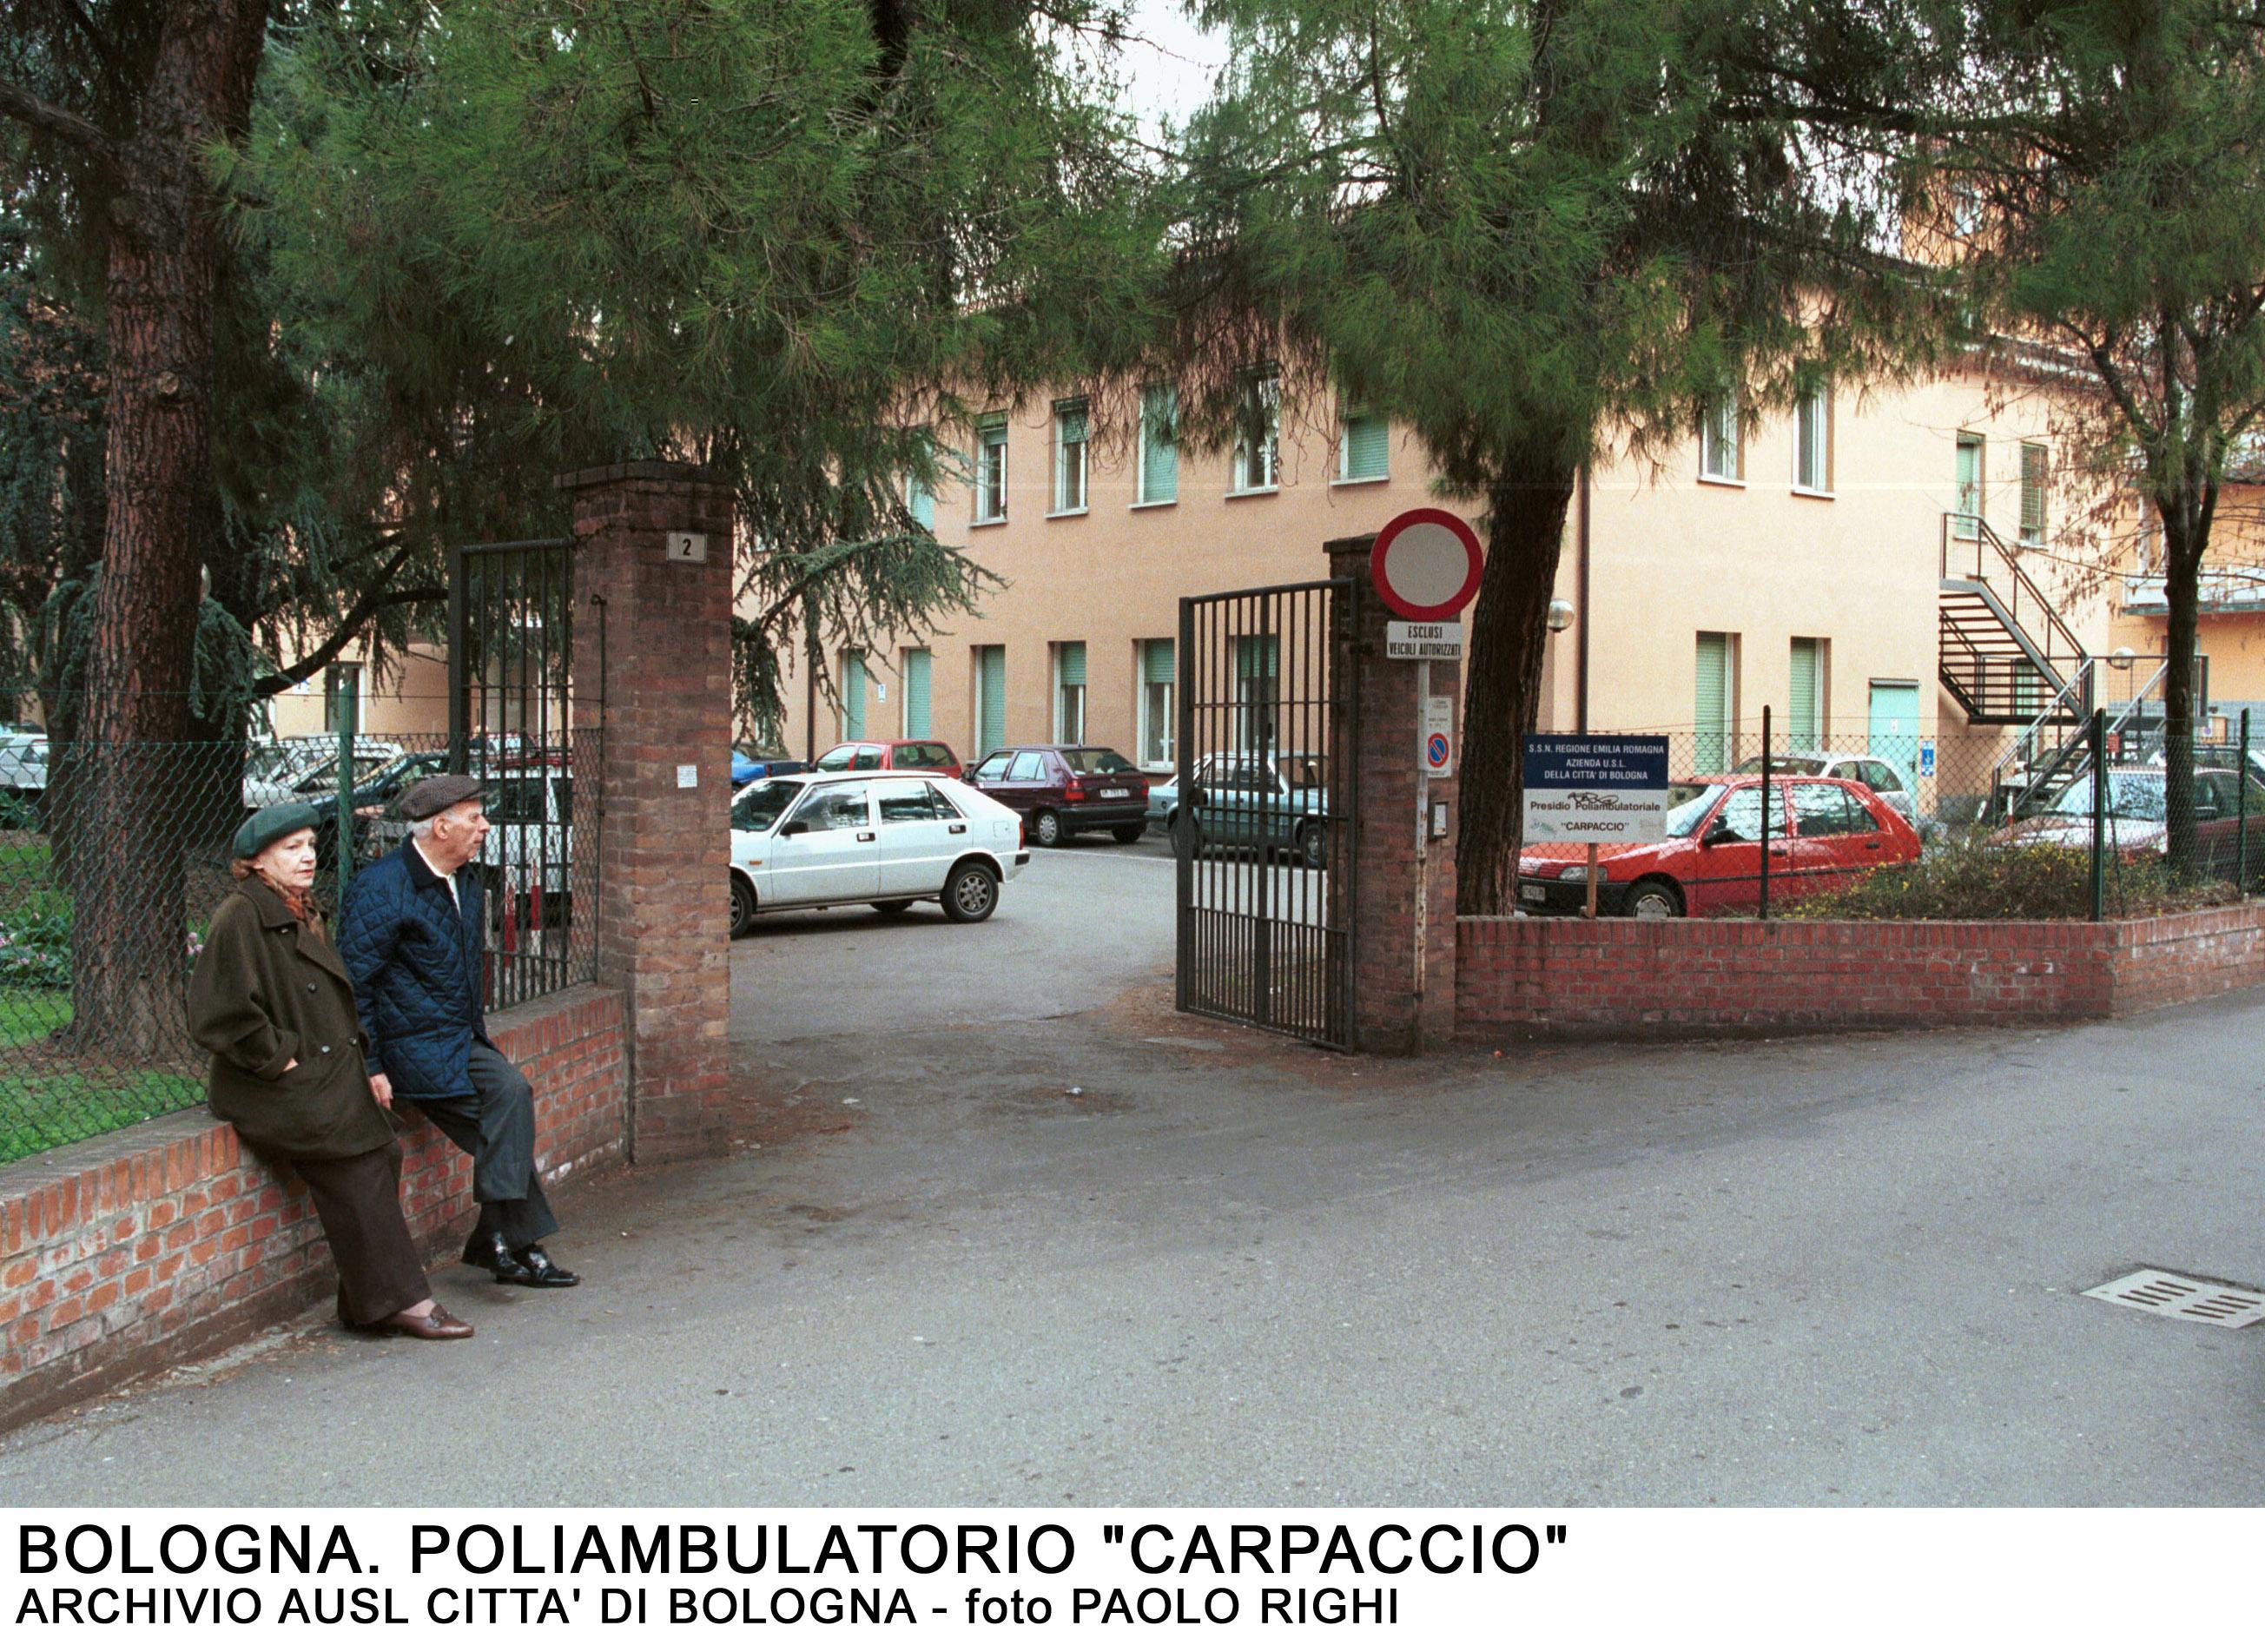 Ufficio Quartiere Saragozza Bologna : Bologna quartiere savena poliambulatorio carpaccio u ausl di